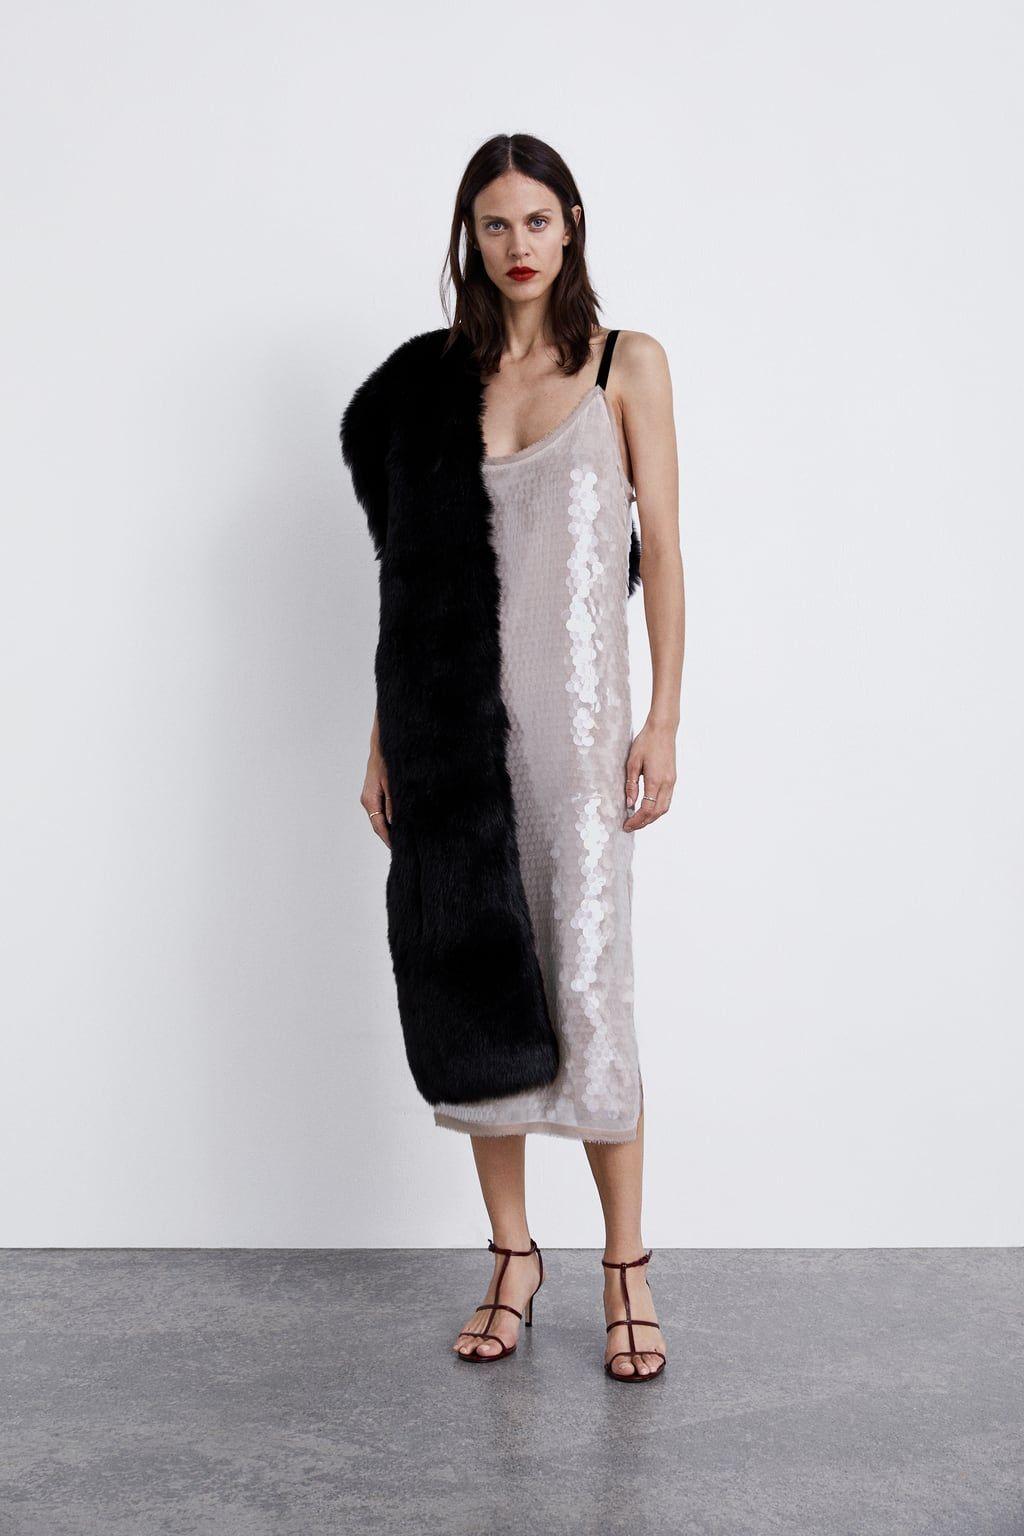 Vestidos de fiesta tienda zara